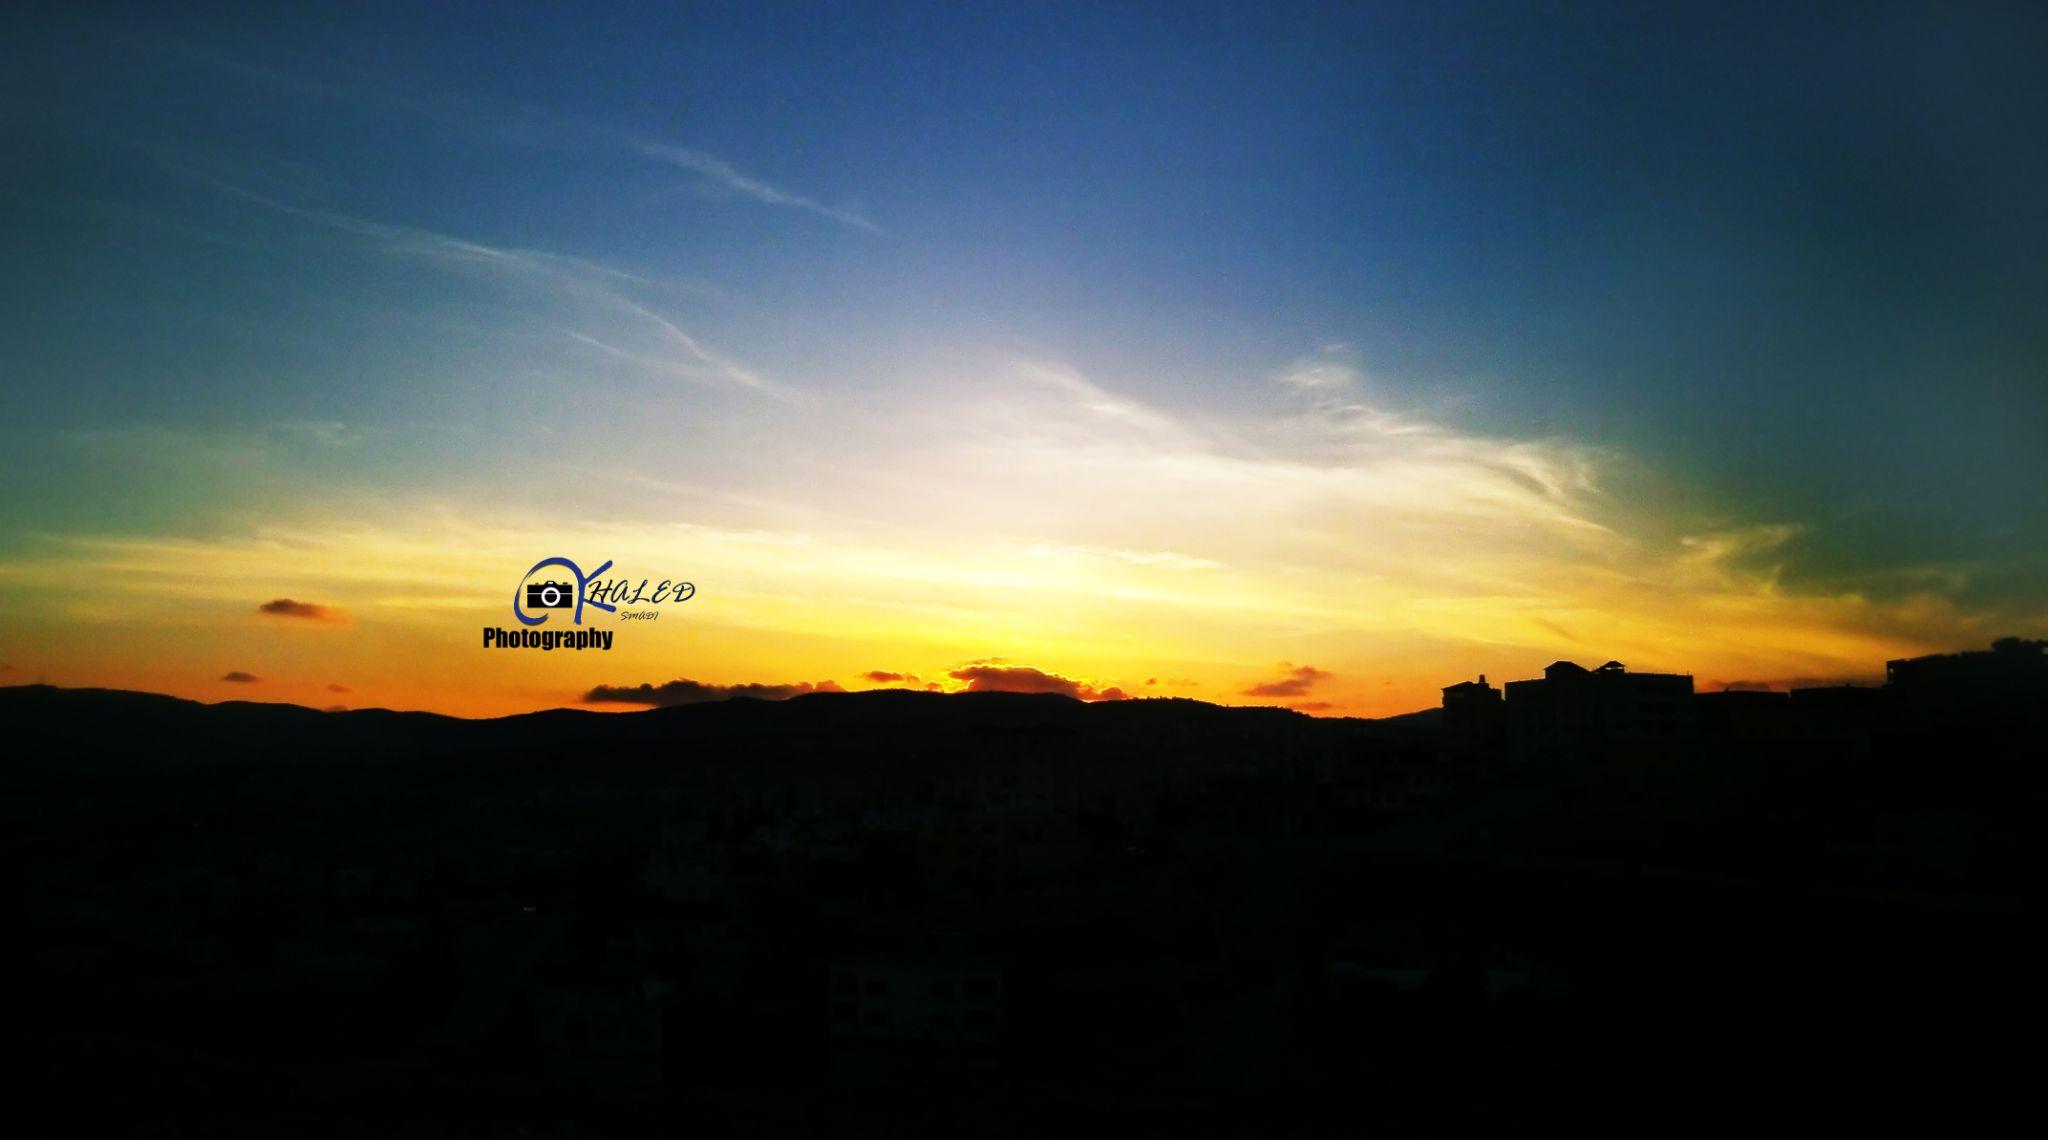 غروب الشمس - الاردن - جرش -6:45م by KHALED SMADI